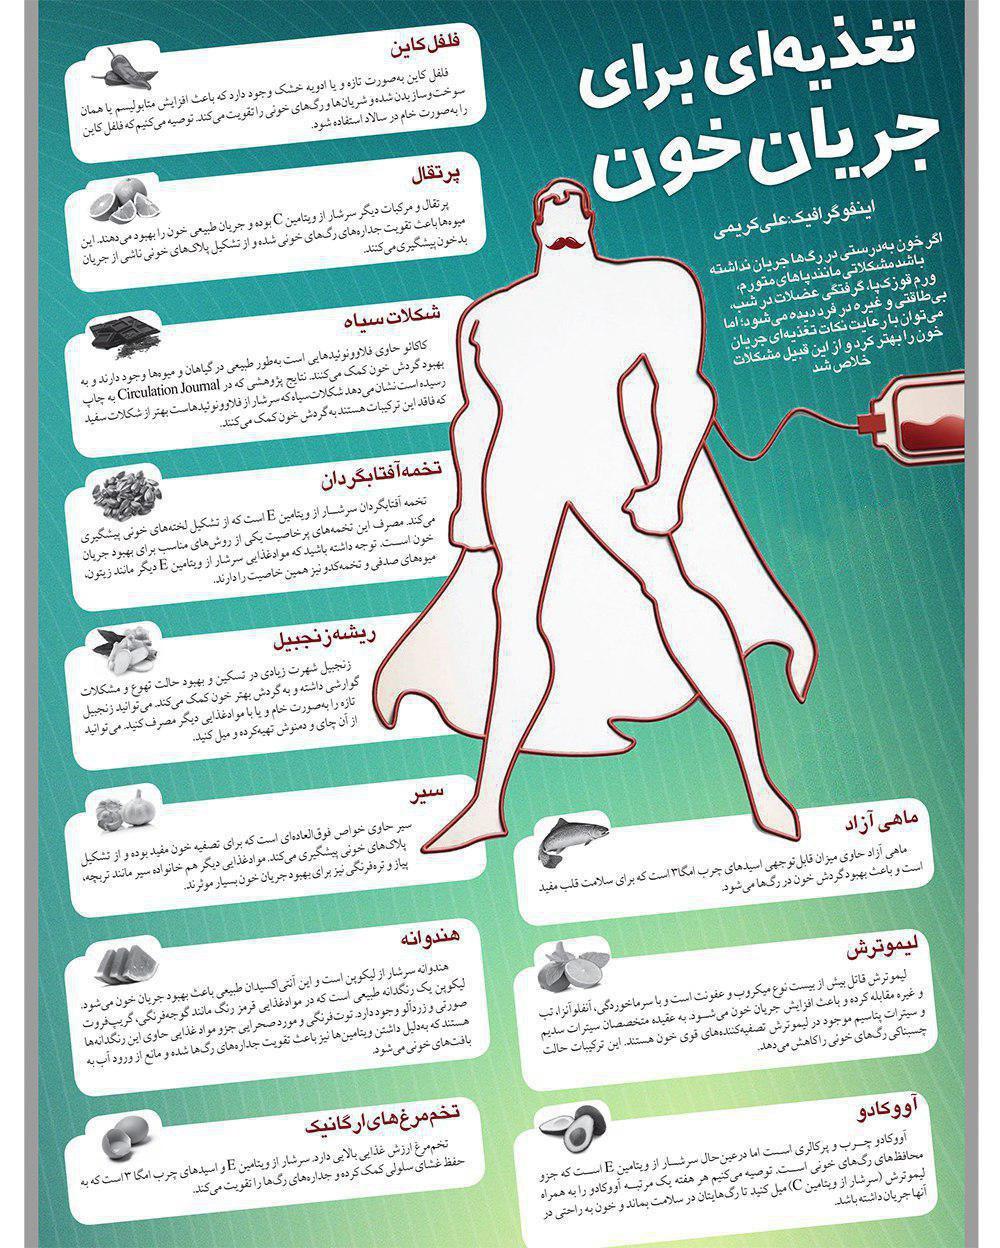 قوی ترین موادغذایی ضد گرفتگی عروق+ اینفوگرافی